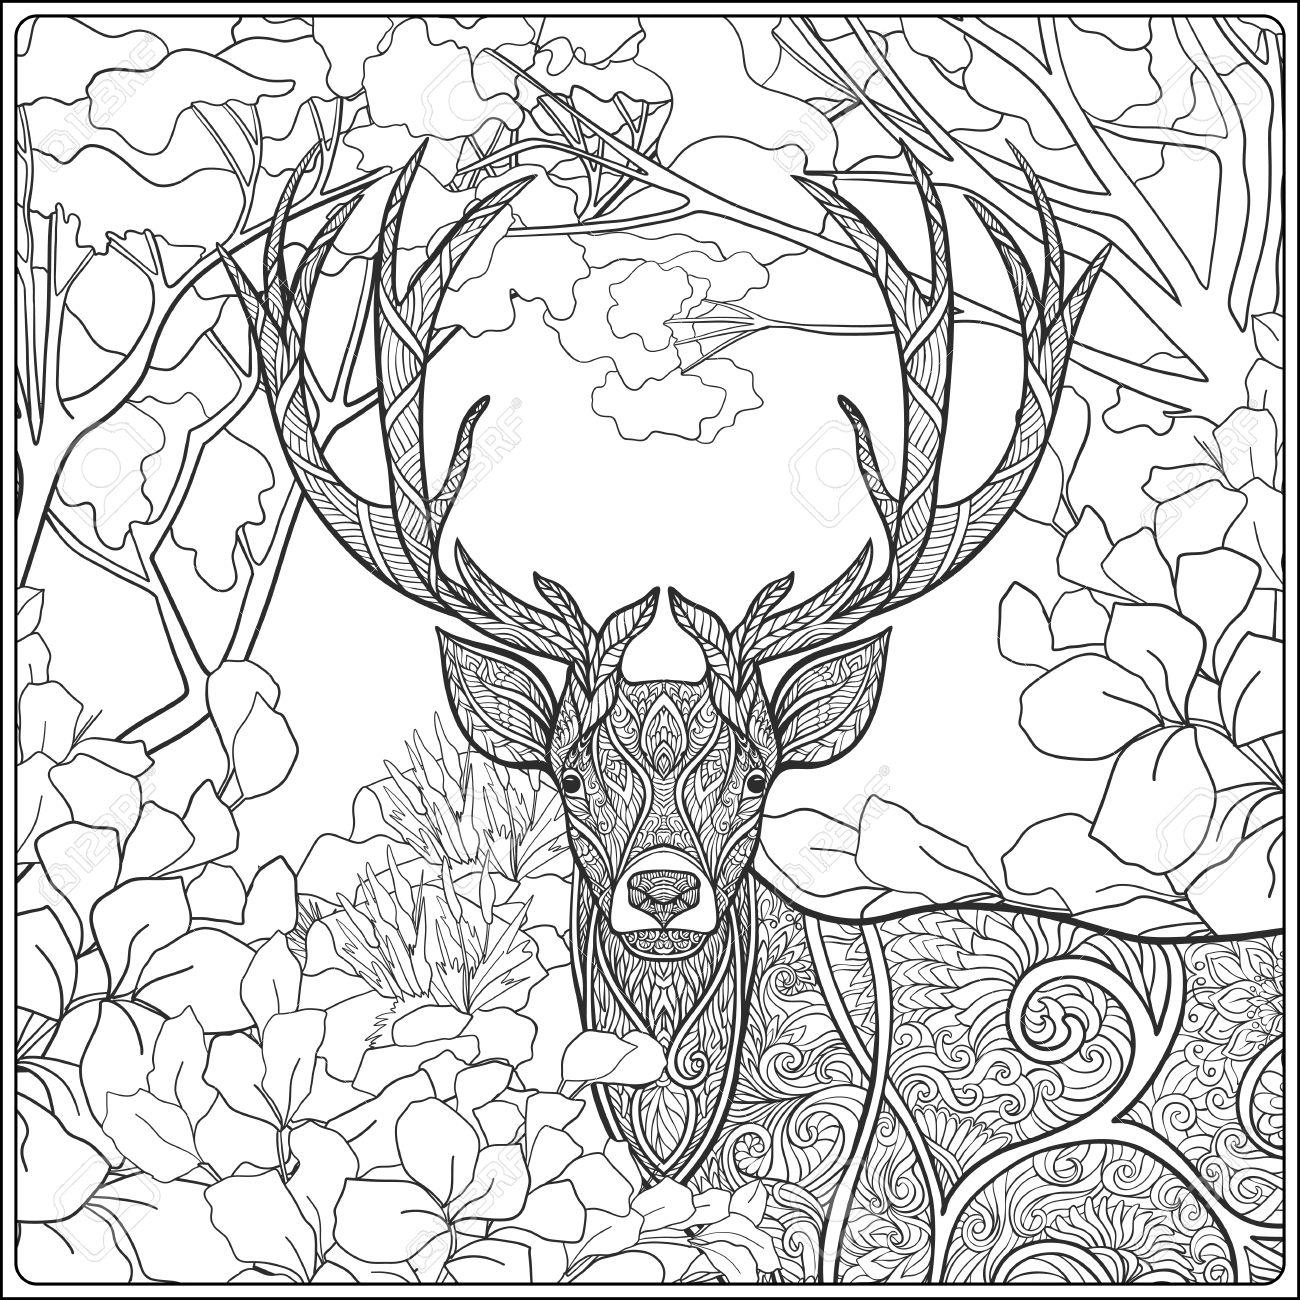 Dibujo Para Colorear Con Los Ciervos En El Bosque. Libro De ...